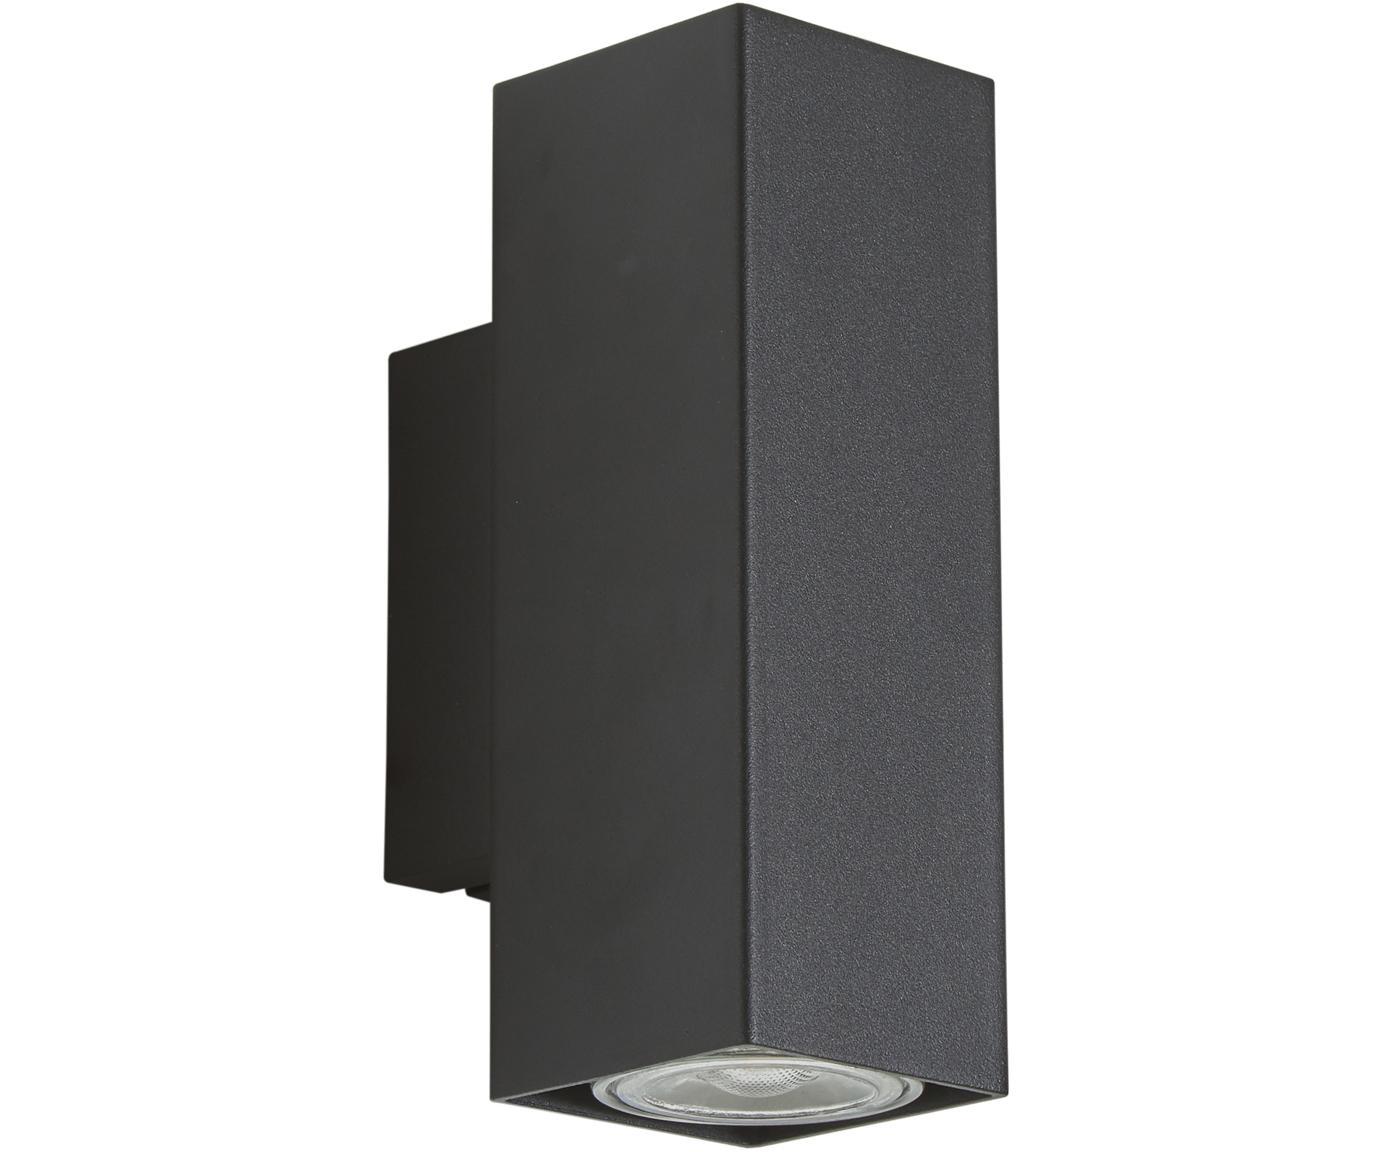 Kinkiet LED Peter, Metal malowany proszkowo, Czarny, S 5 x W 8 cm